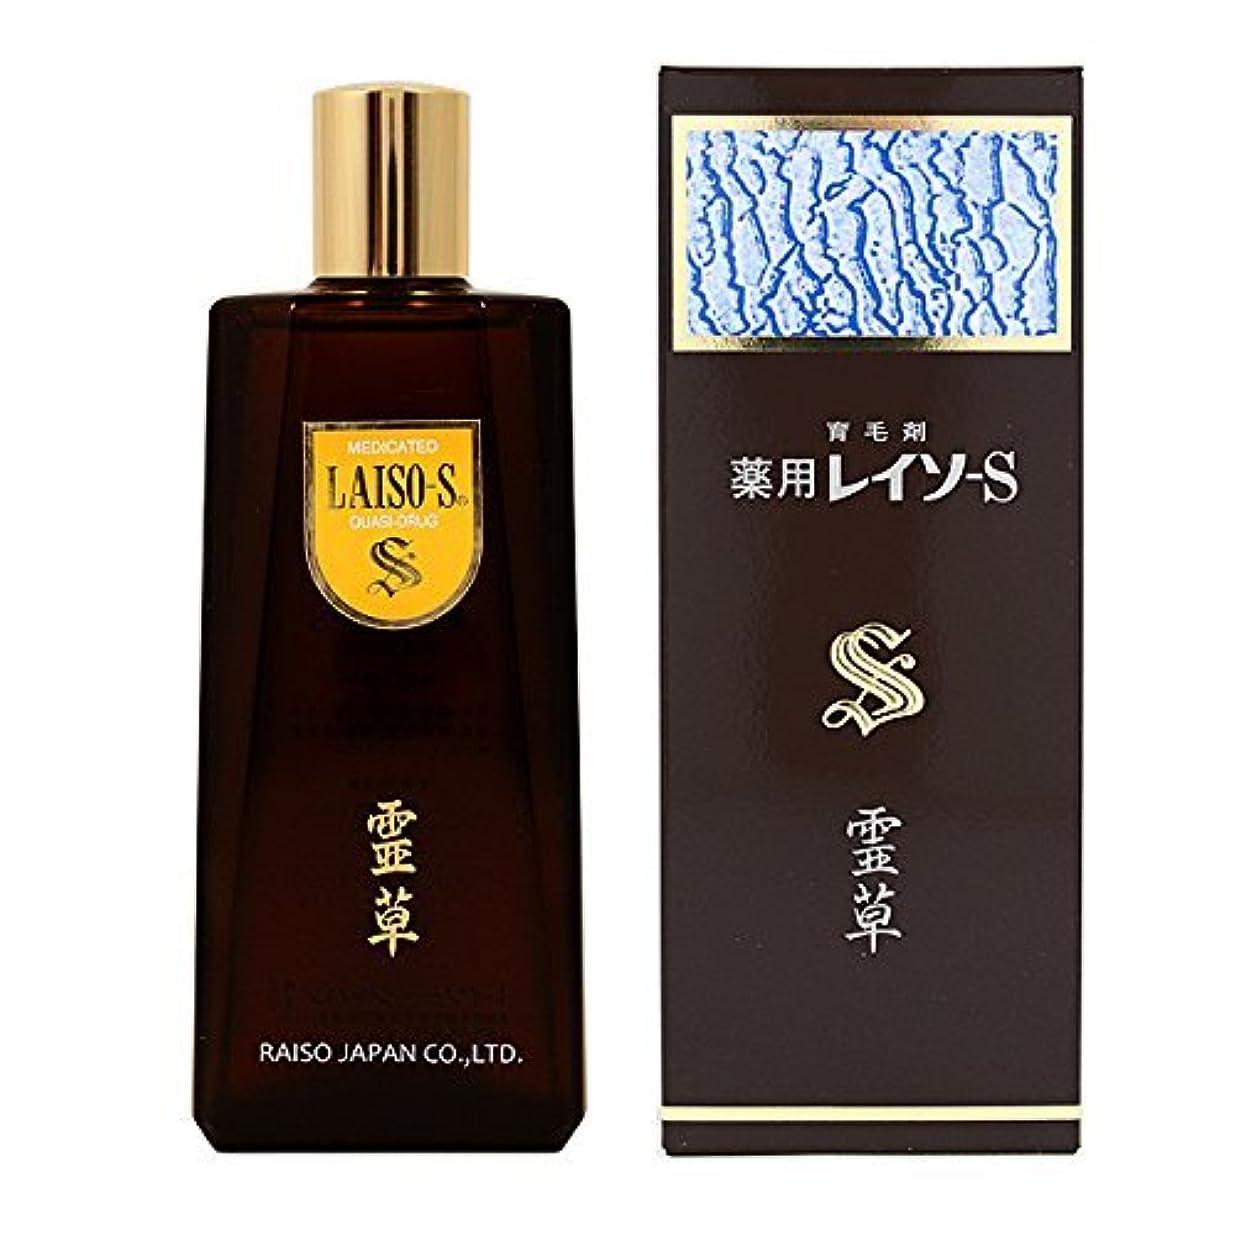 歌う可能性唇日本ヘアサプライ 薬用レイソーS 150ml